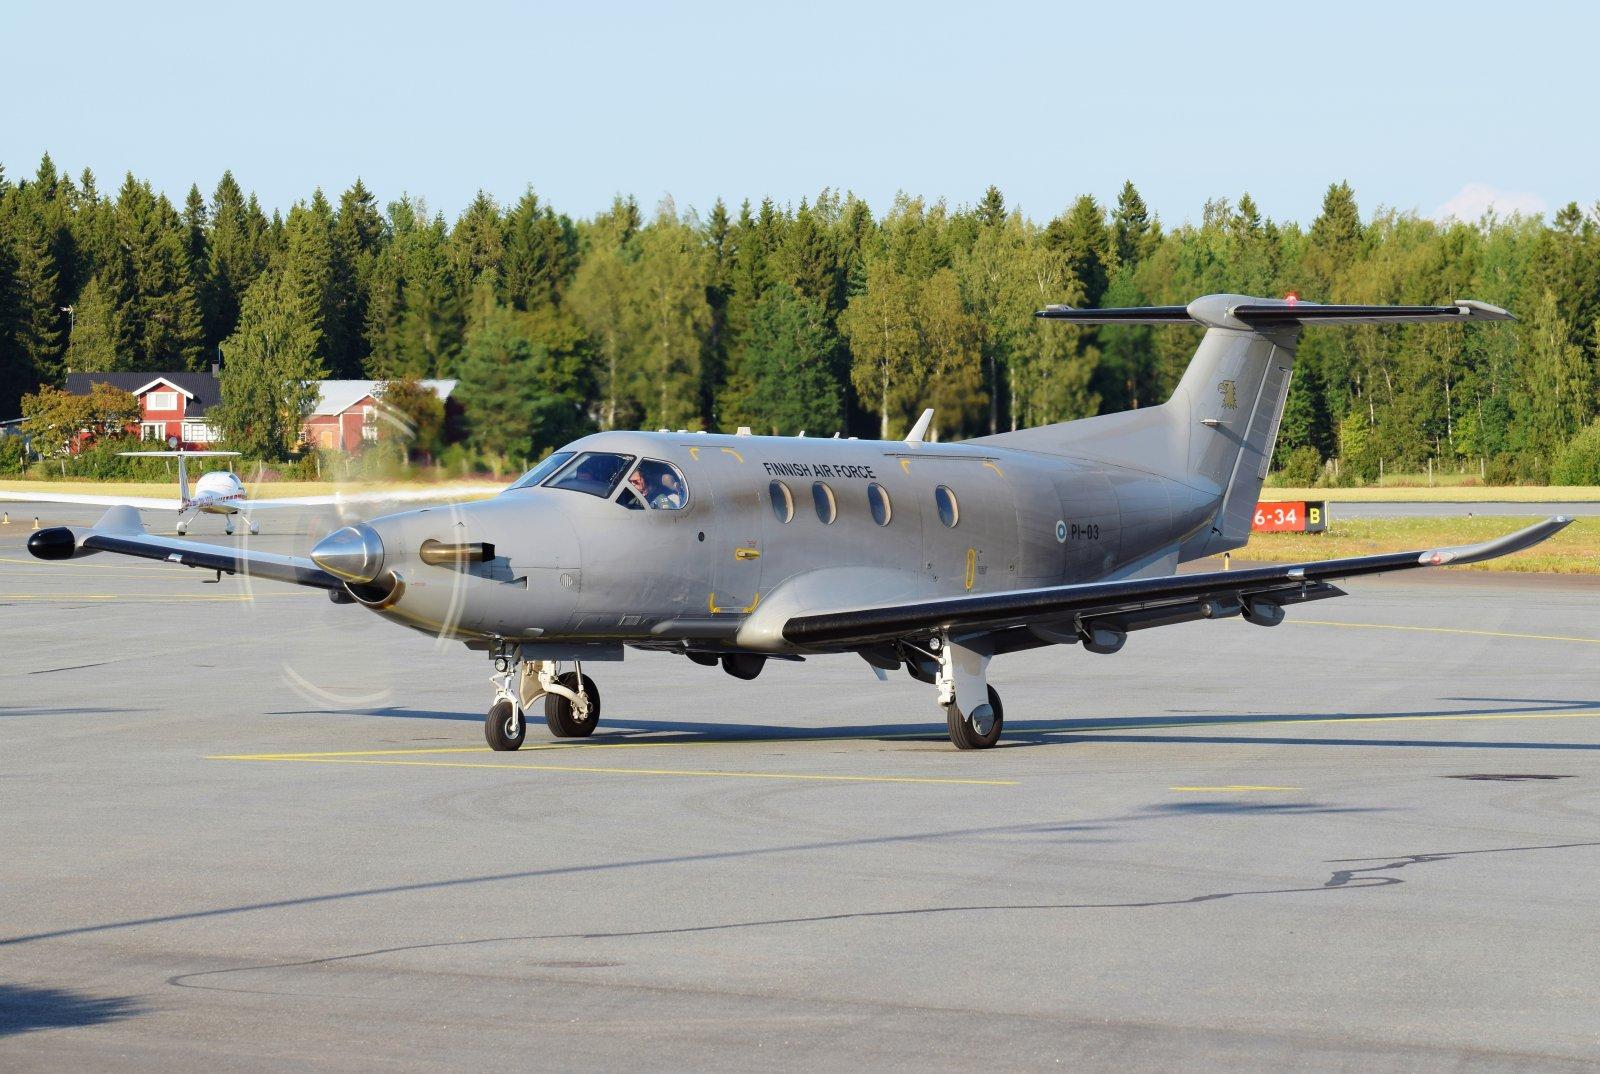 PI-03 - Pilatus PC-12/47E - Suomen Ilmavoimat - 9.8.2019